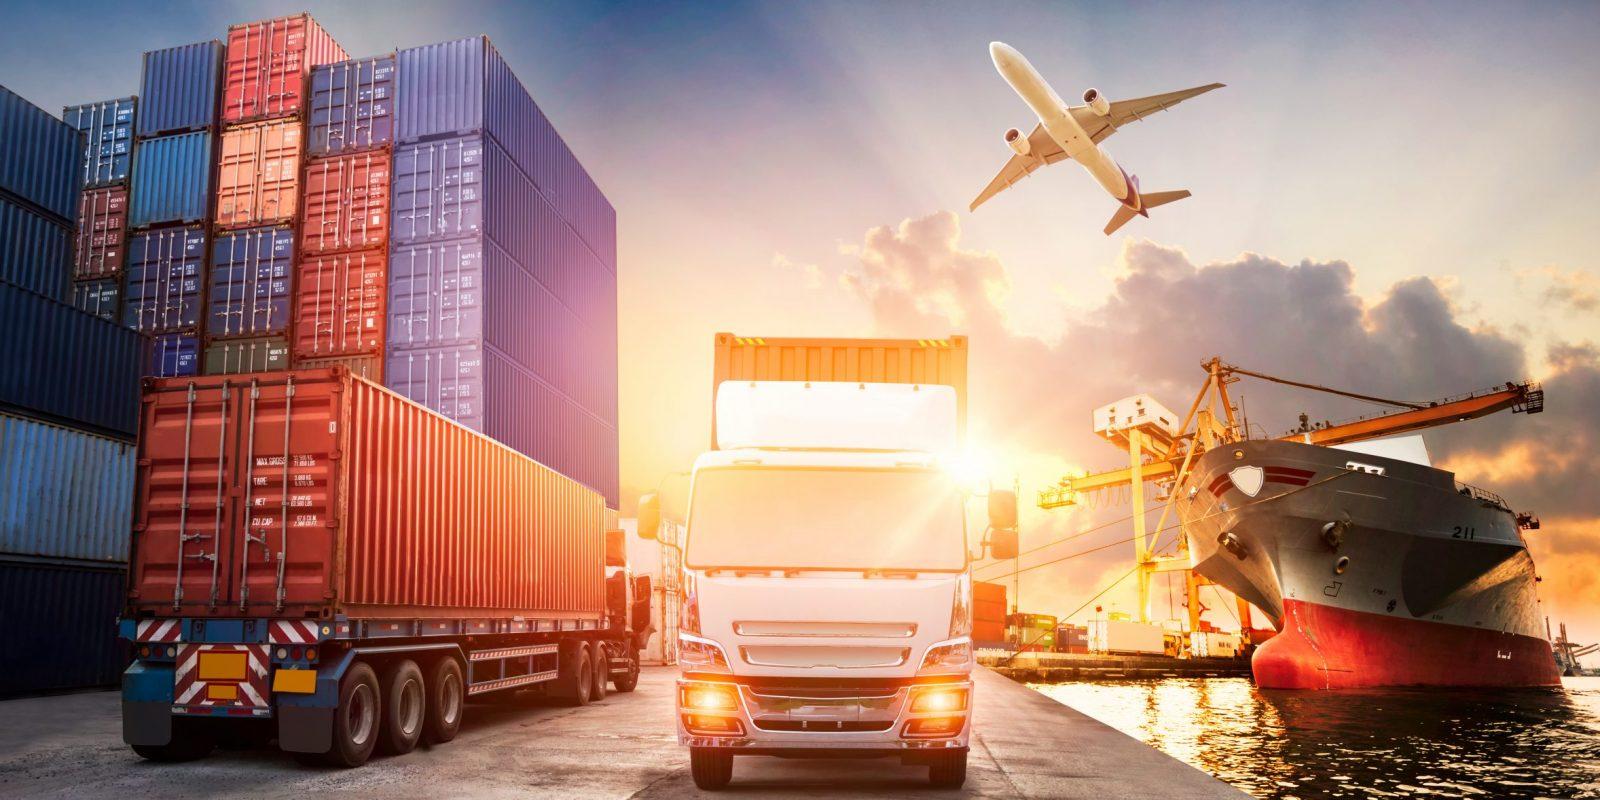 Nova Resolução de Boas Práticas de Distribuição, Armazenamento e Transporte  de Medicamentos – Legal Pharma